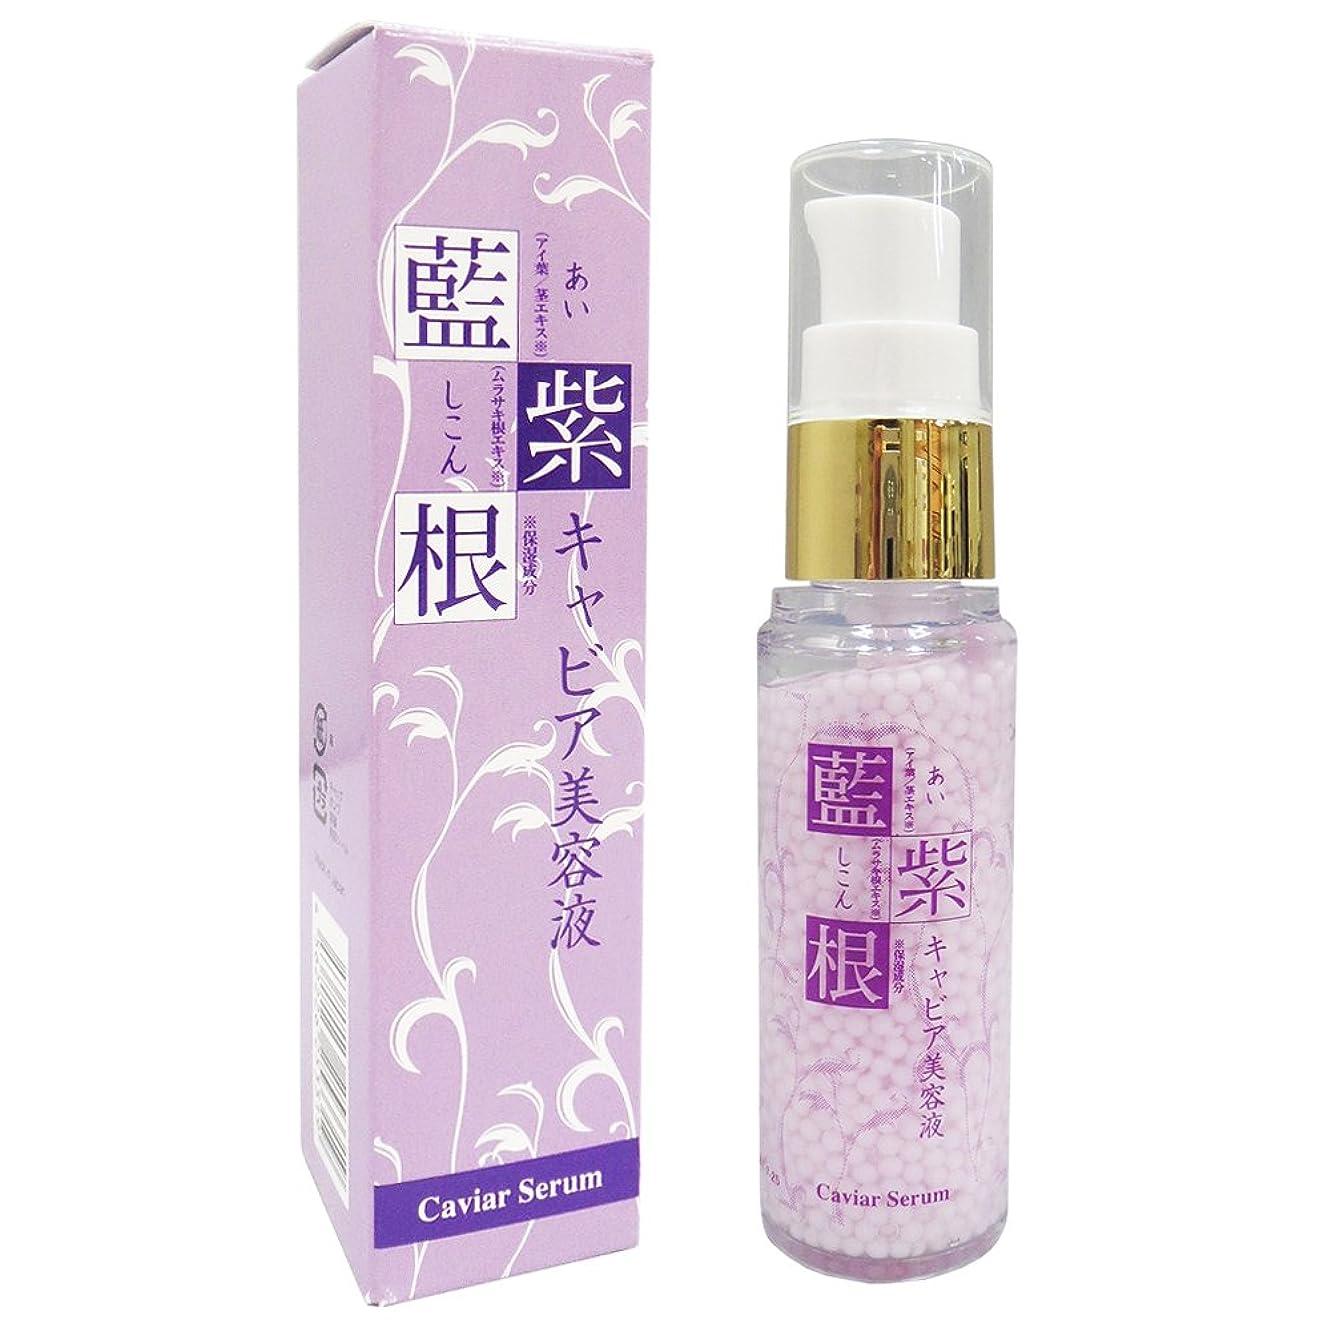 漂流星防腐剤藍と紫根のキャビア美容液 30g